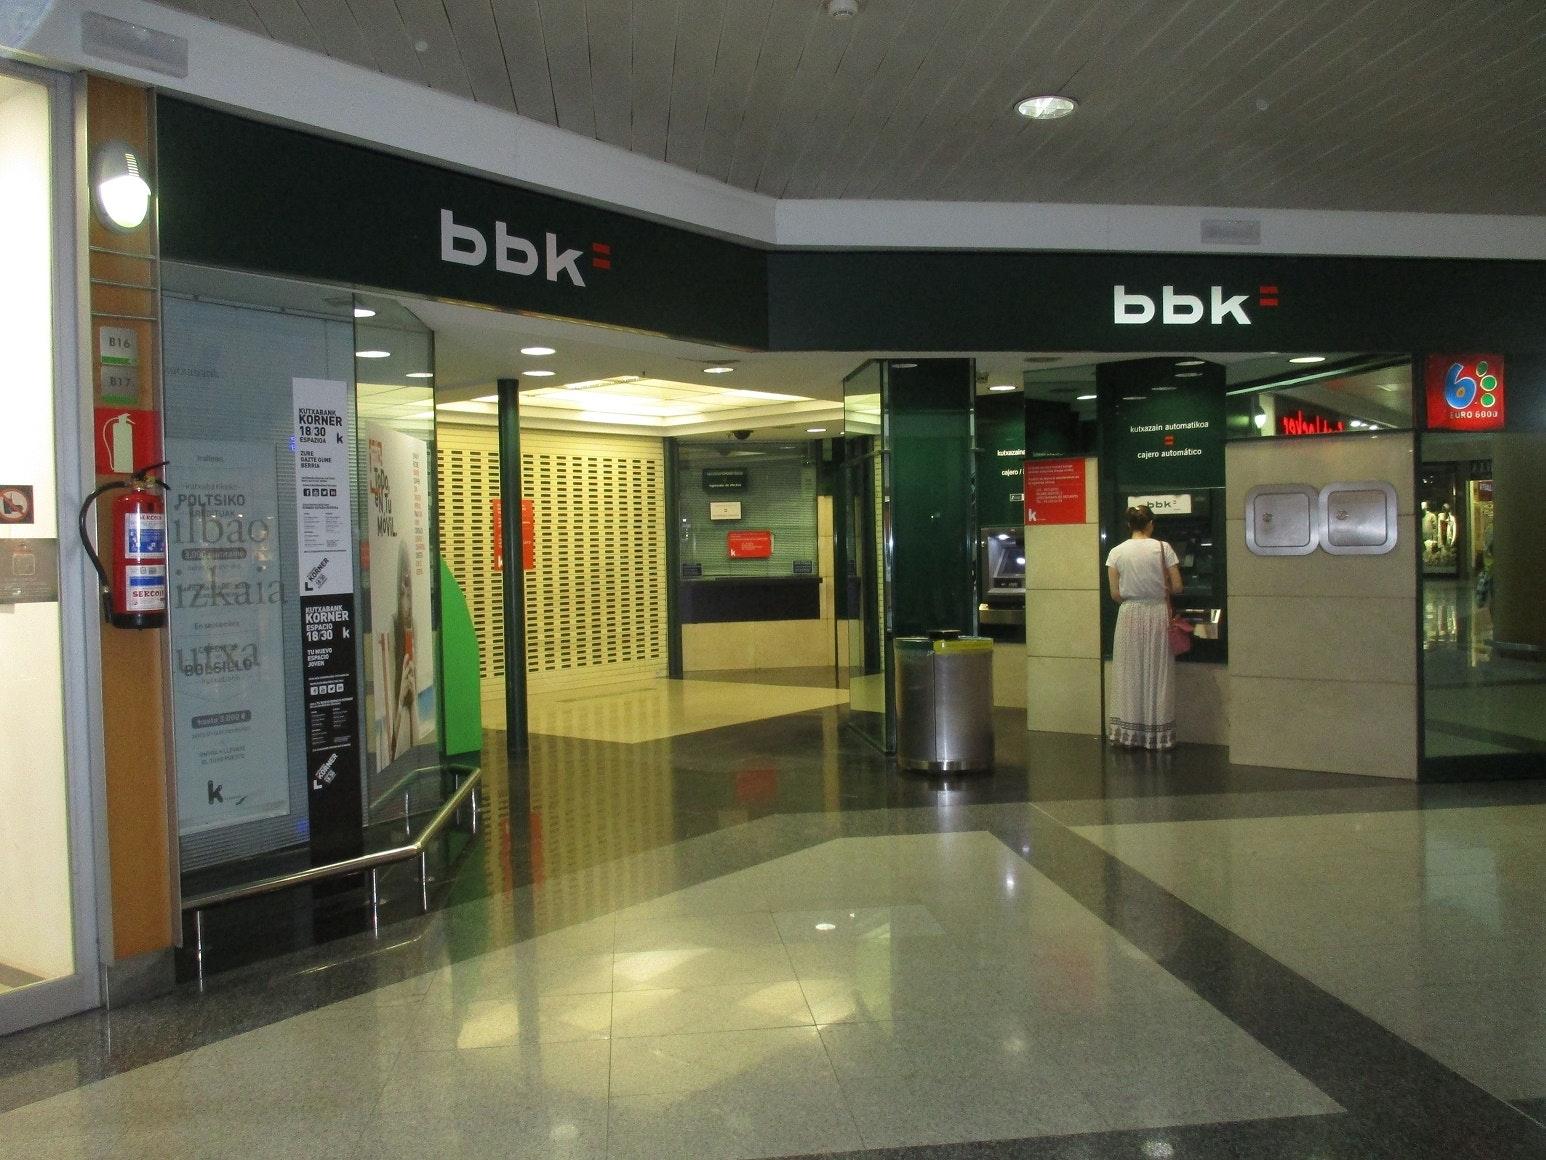 BBK 2